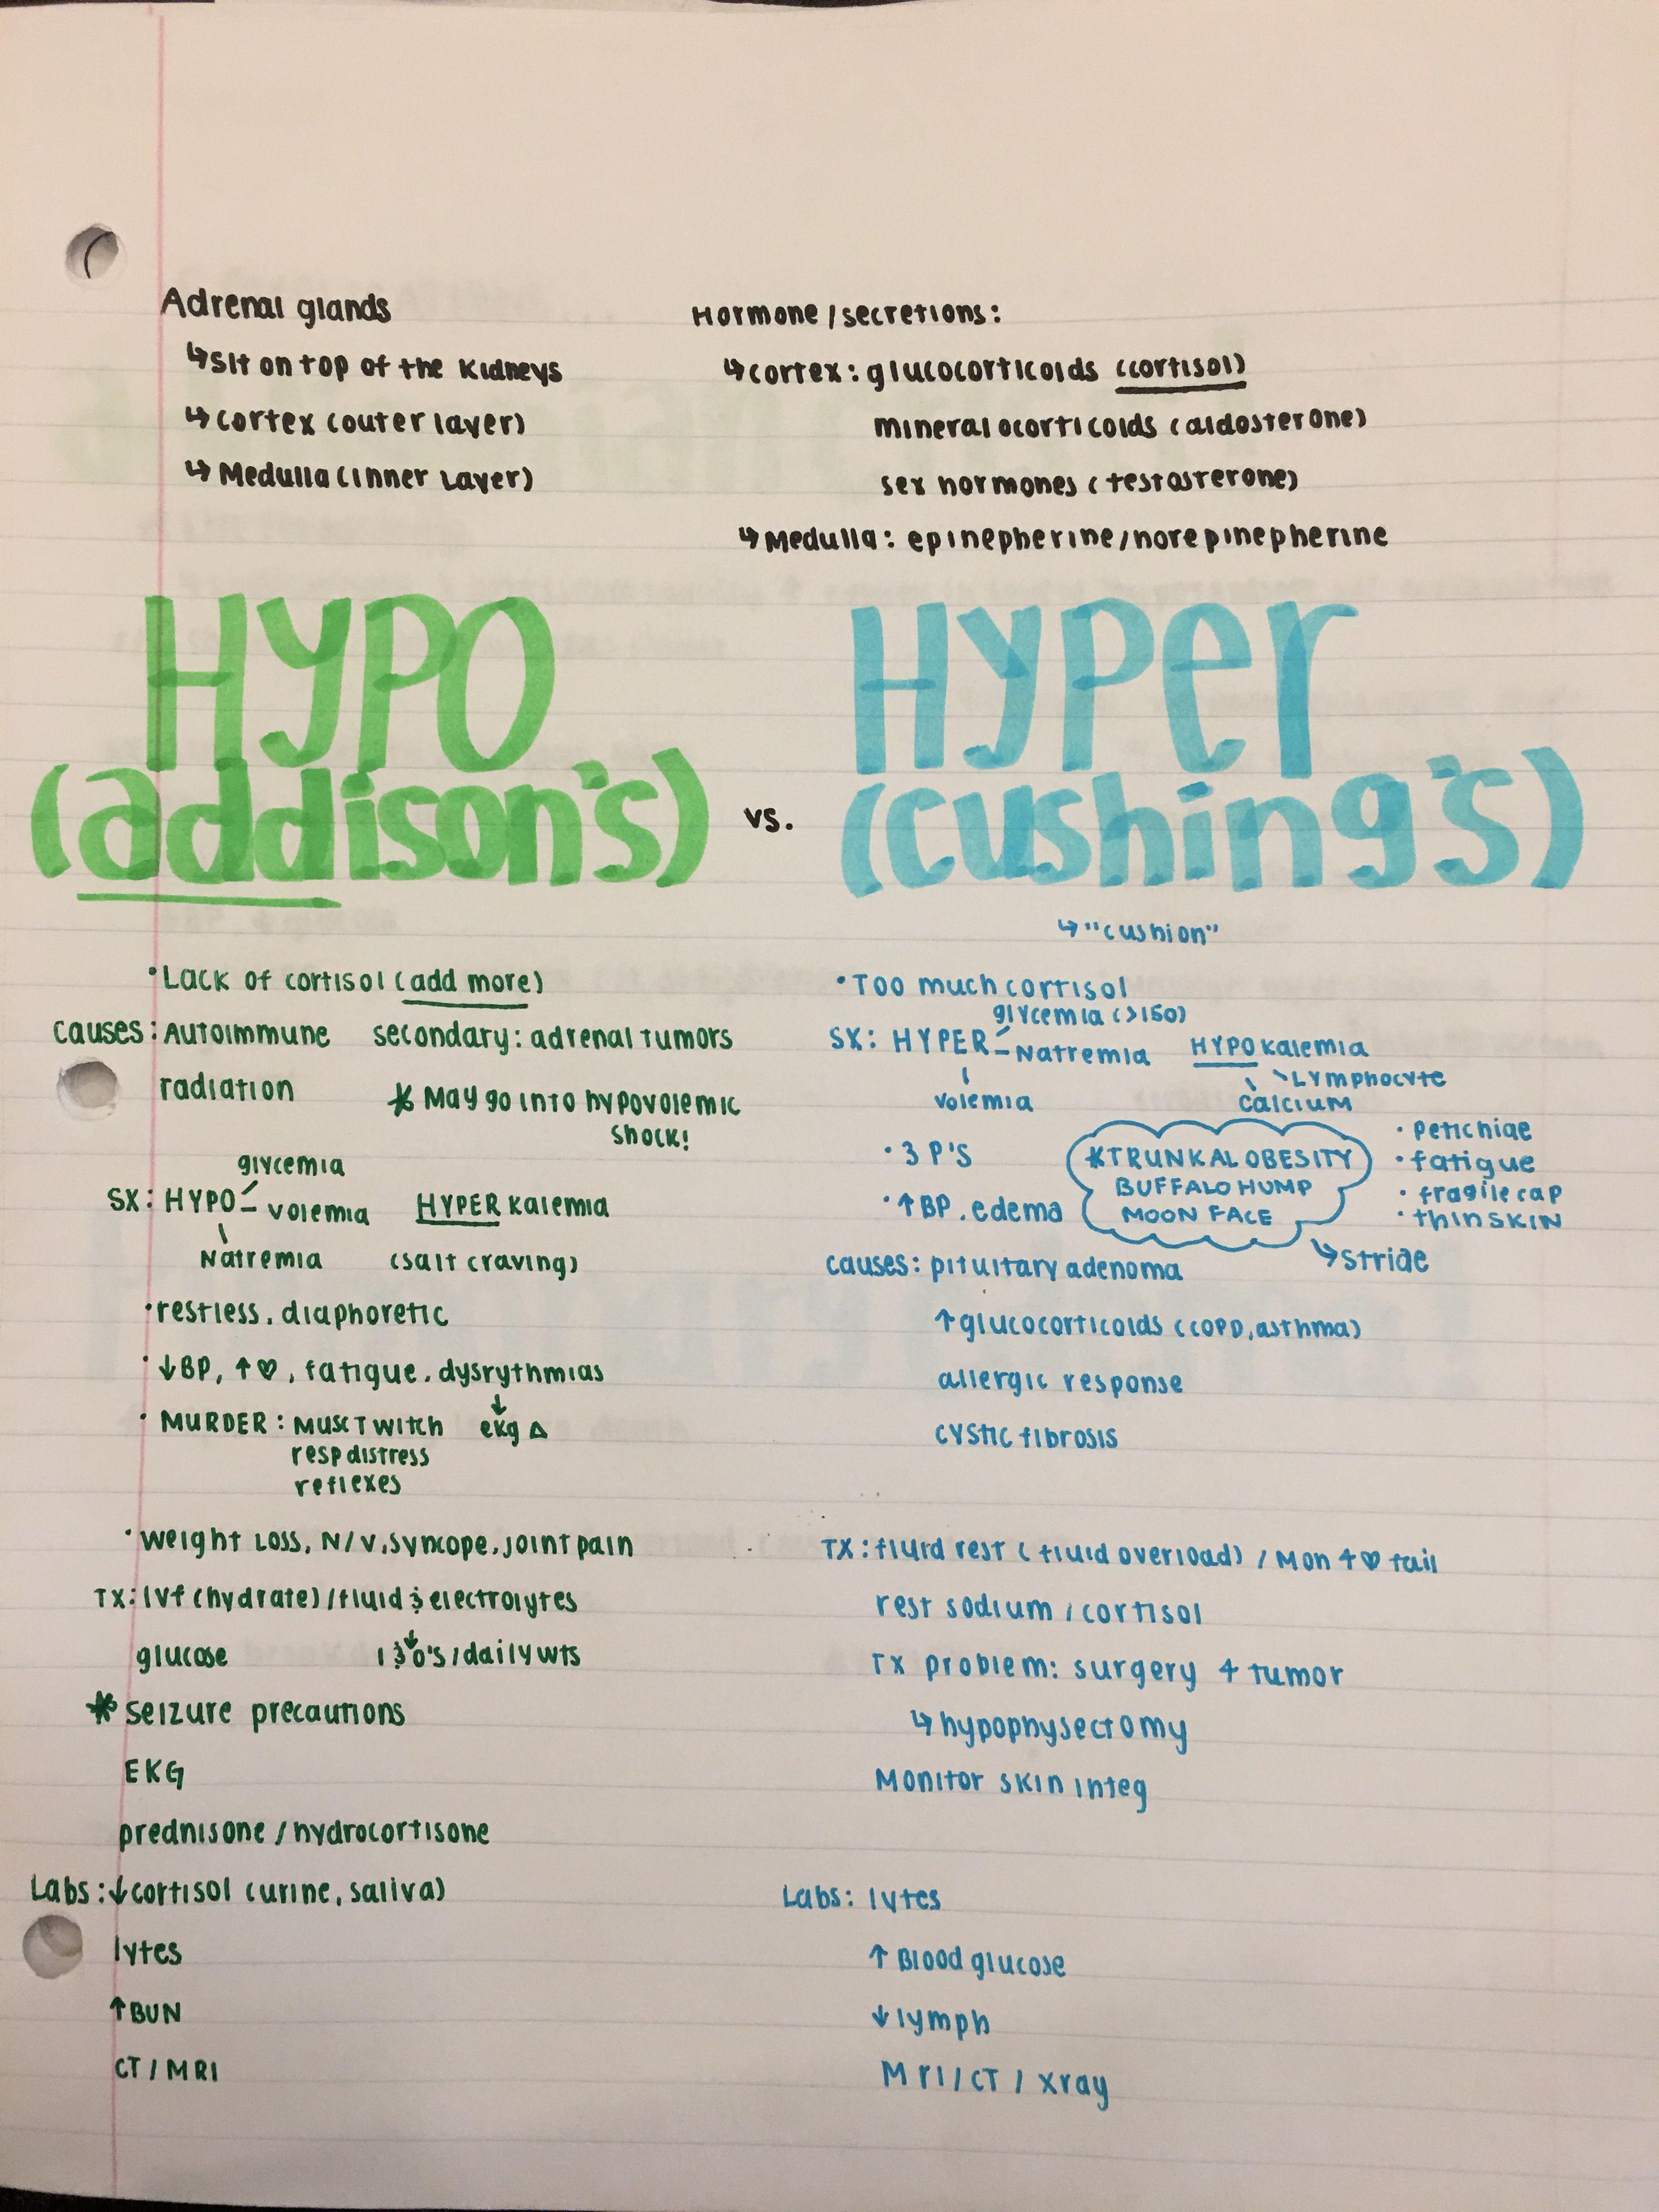 Addison's vs. Cushing's Nursing school notes, Nursing